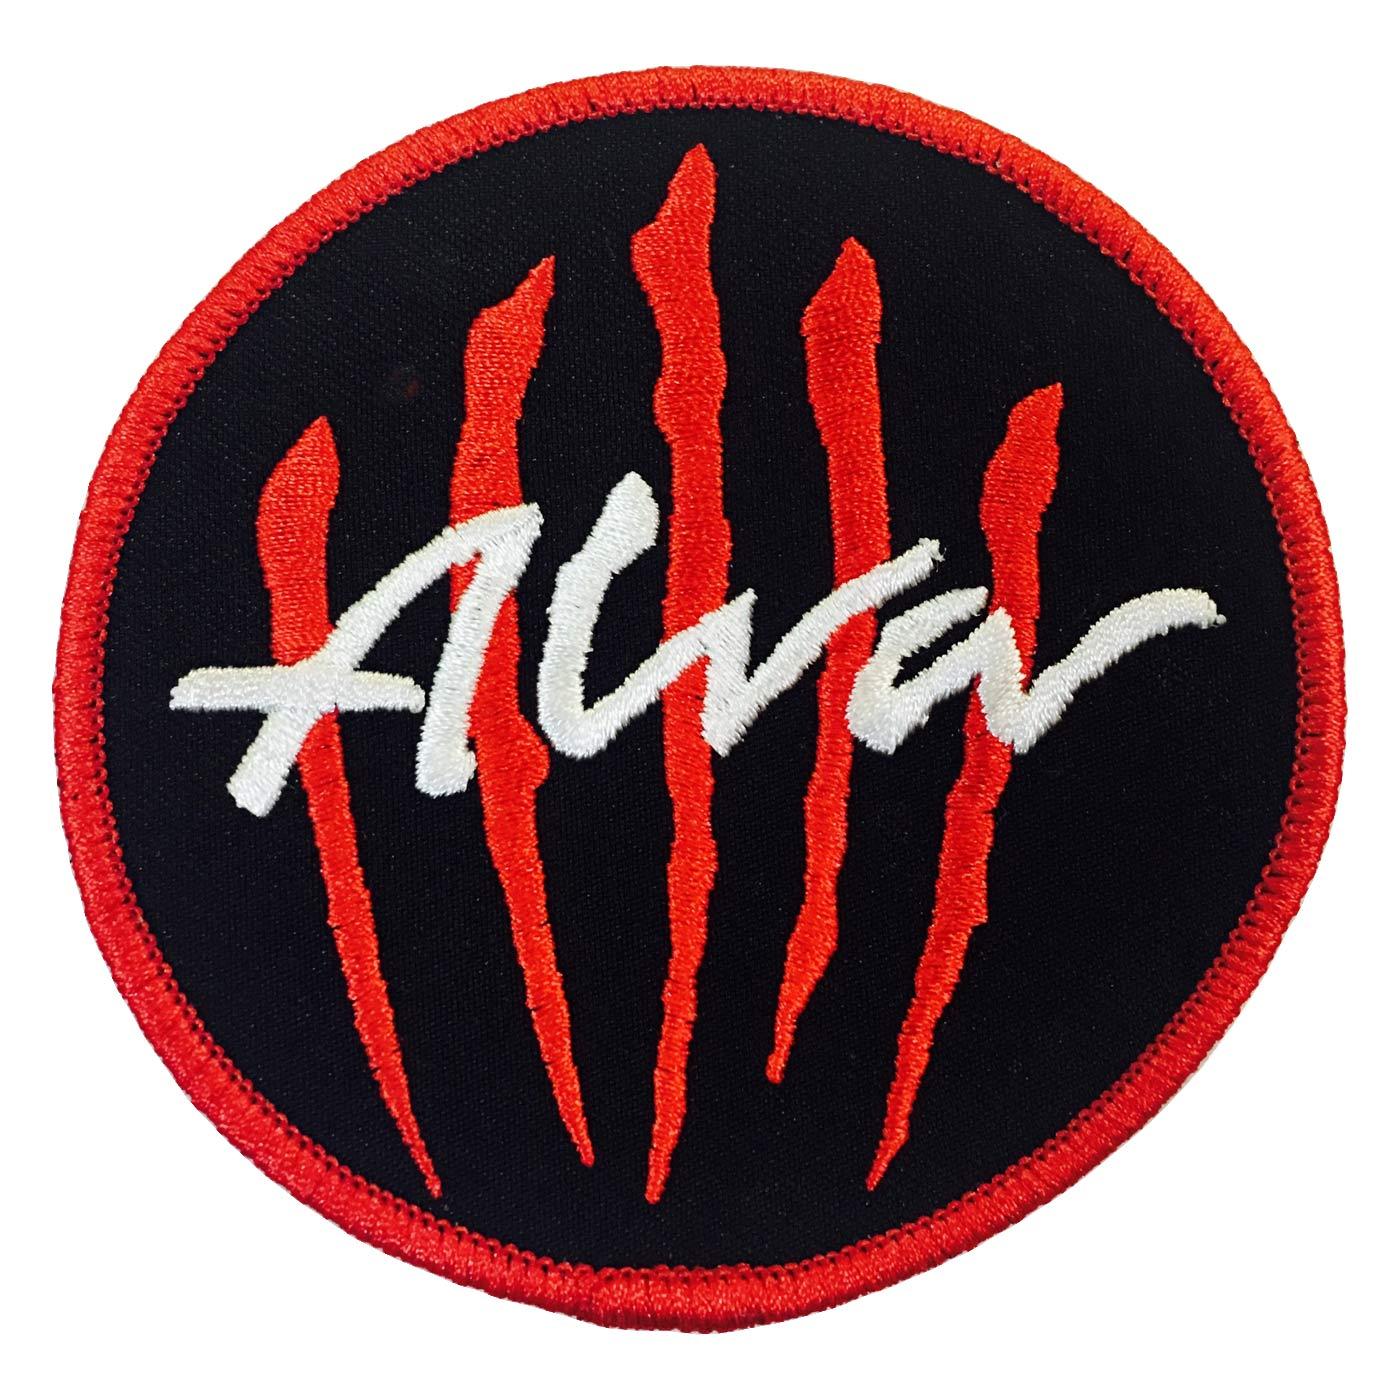 Alva Skateboards Canada Online Sales Pickup Vancouver